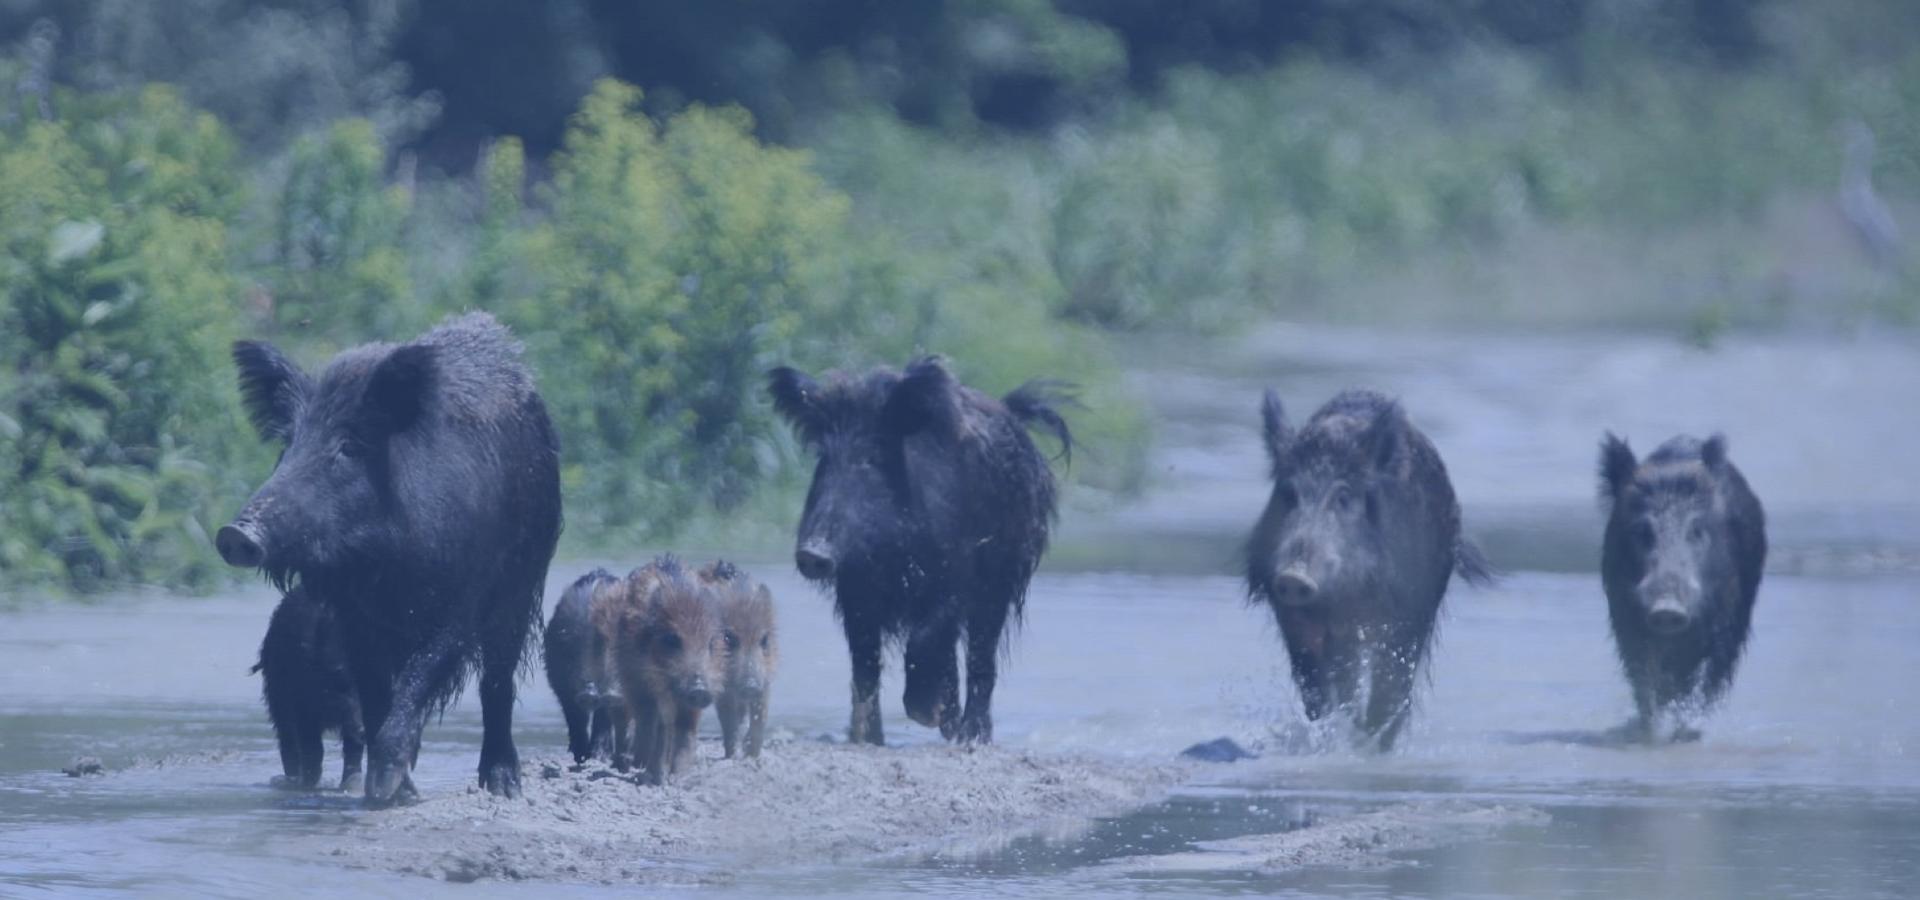 Od kogo możemy żądać odszkodowania za szkody spowodowane przez dzikie zwierzęta?